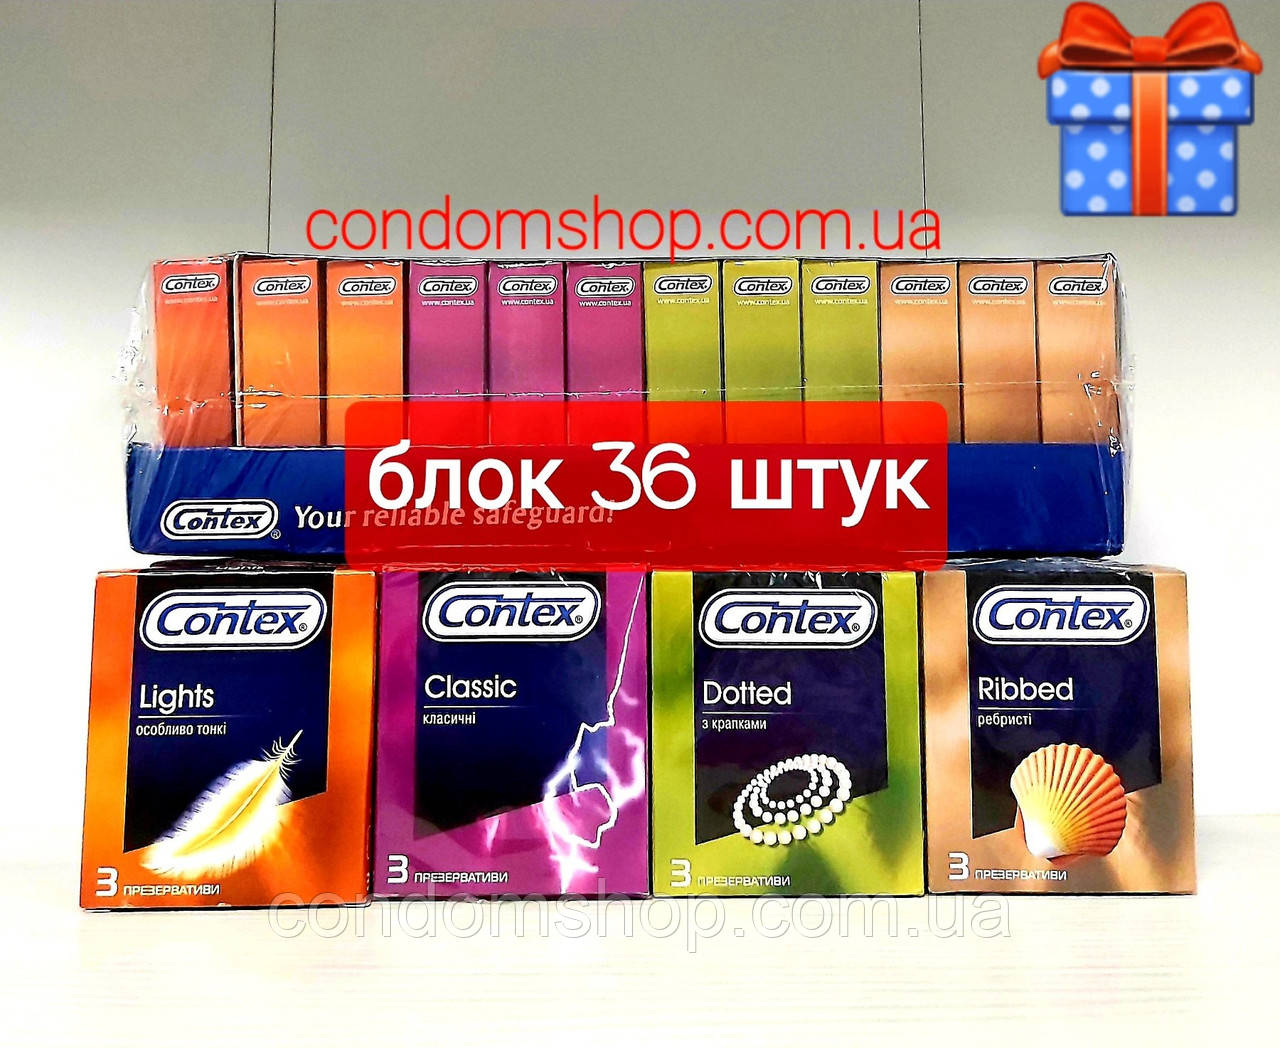 Набор  презервативы  Contex Контекс   36 шт 12 упаковок  до 2025г.Семейный блок.Опт и розница.+ПОДАРОК